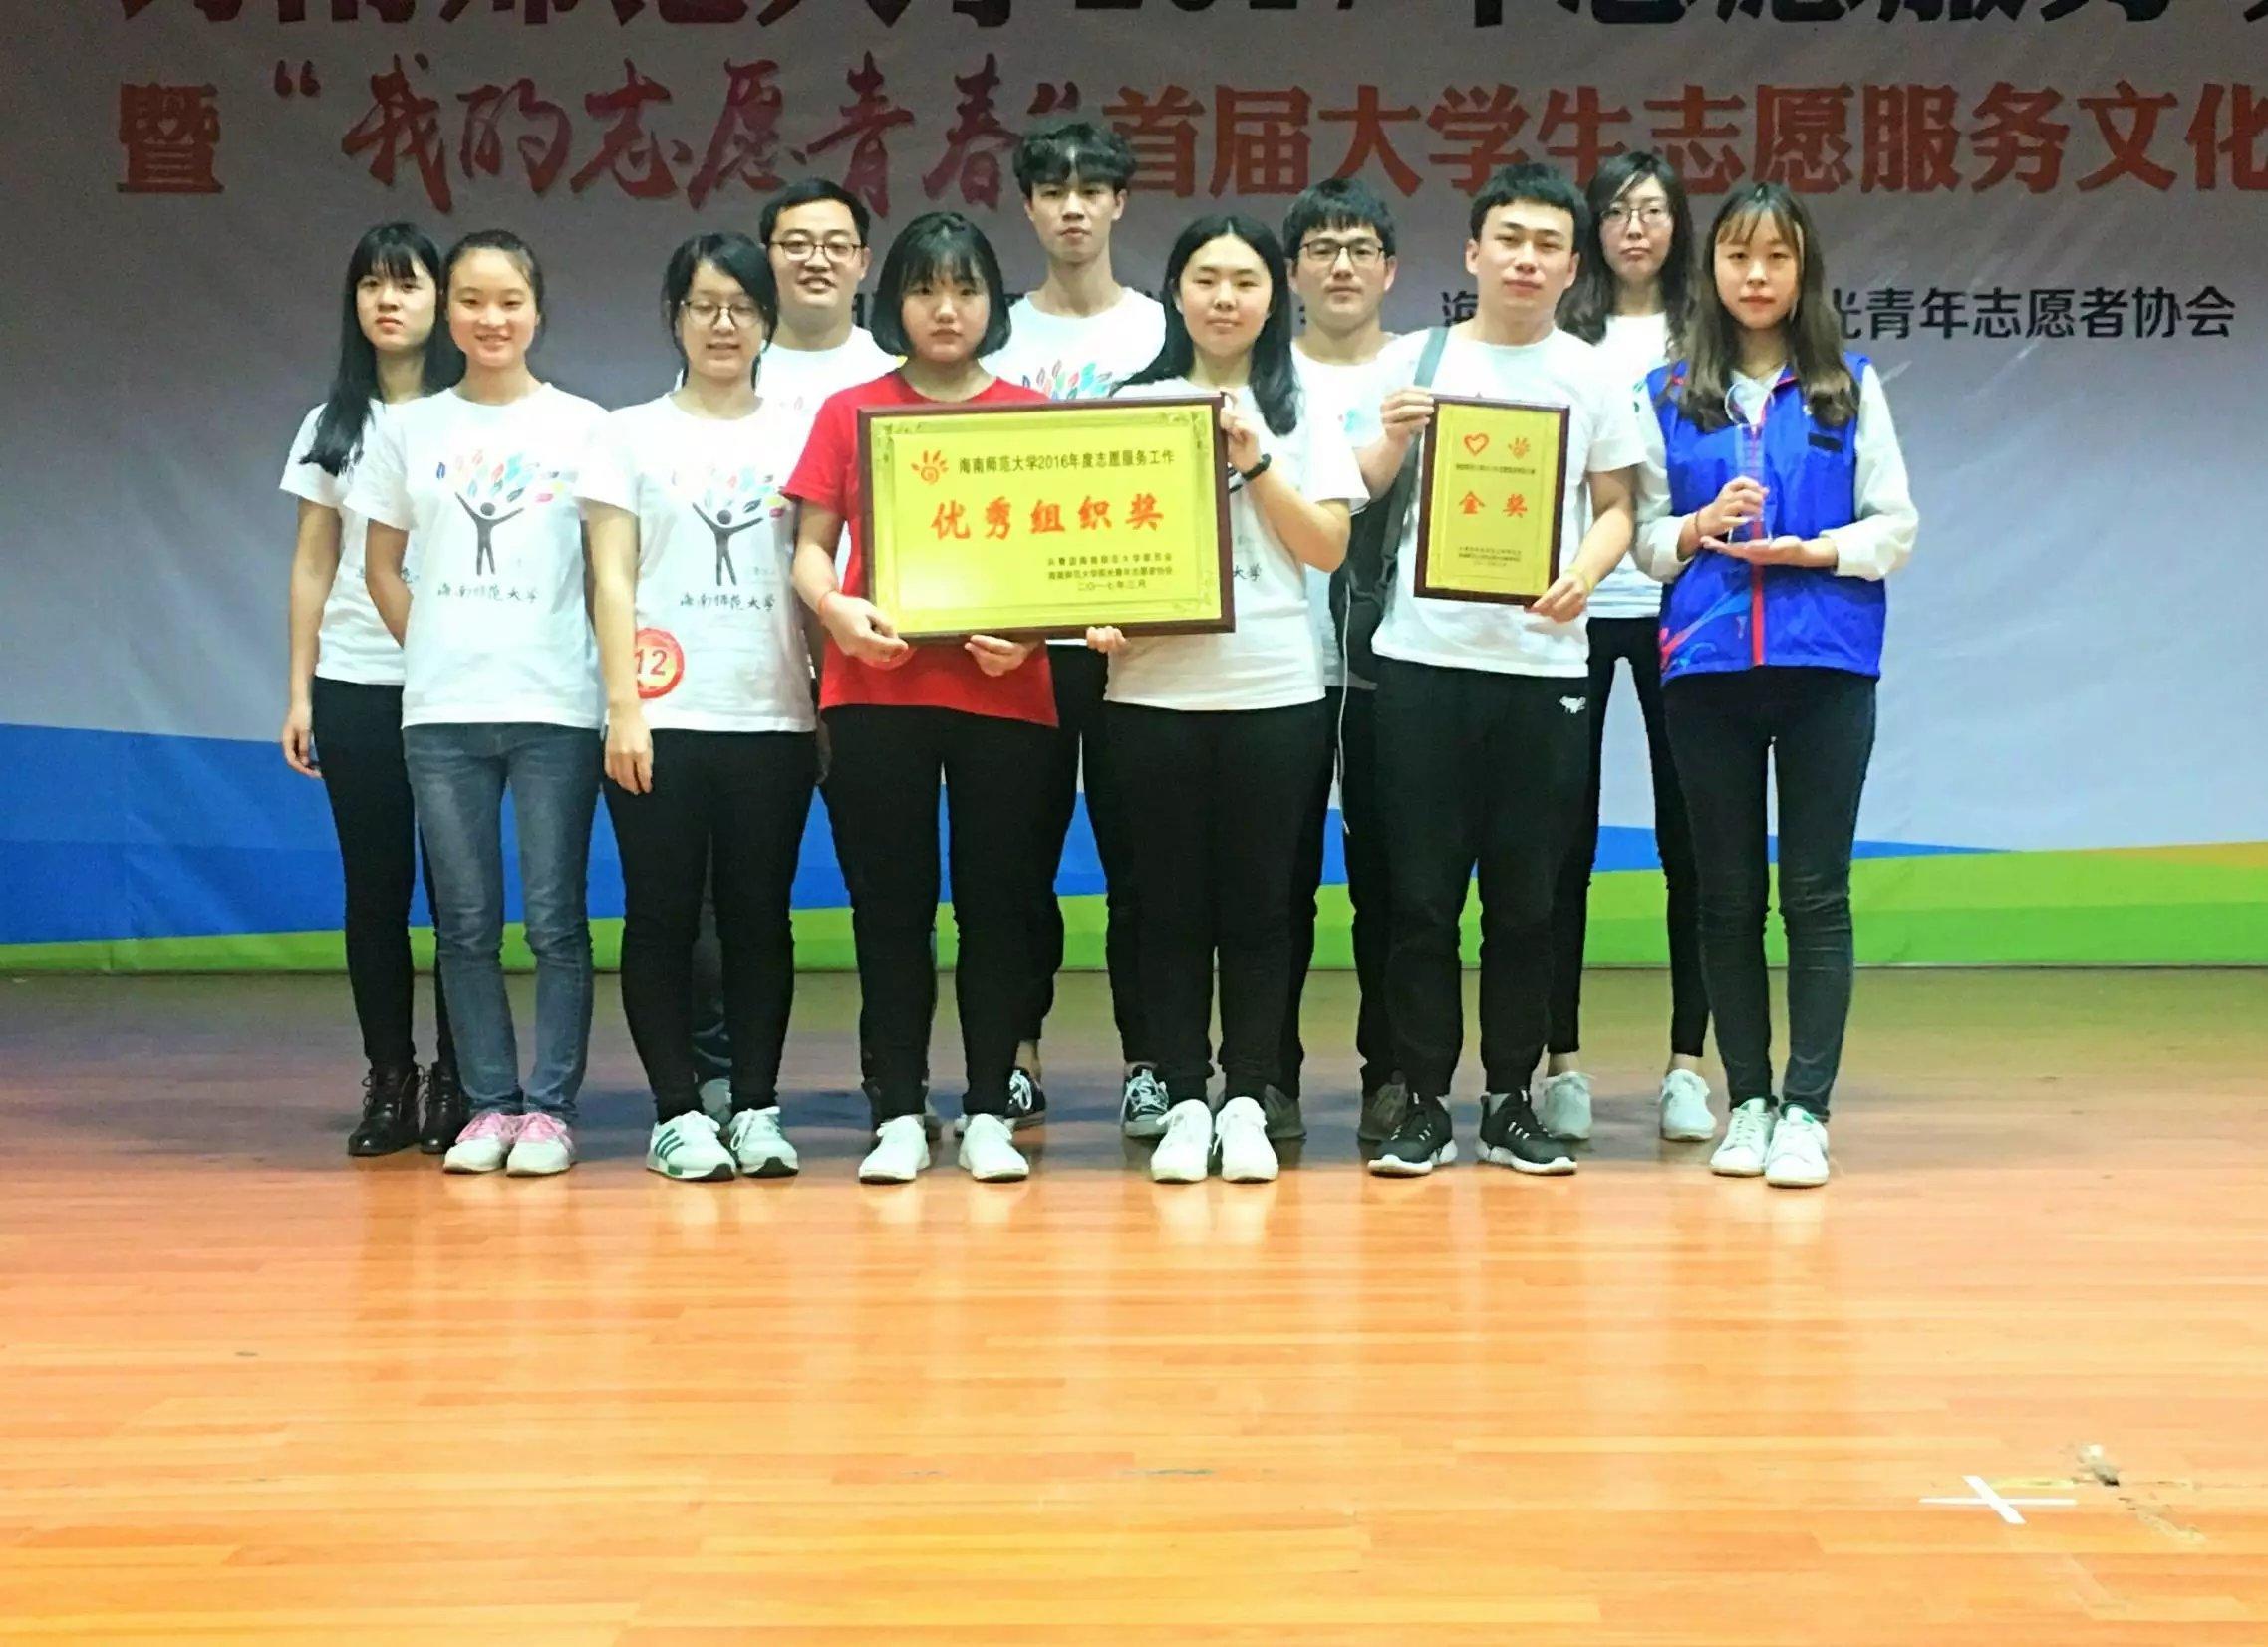 我院在校首届青年志愿服务项目大赛中取得优异成绩